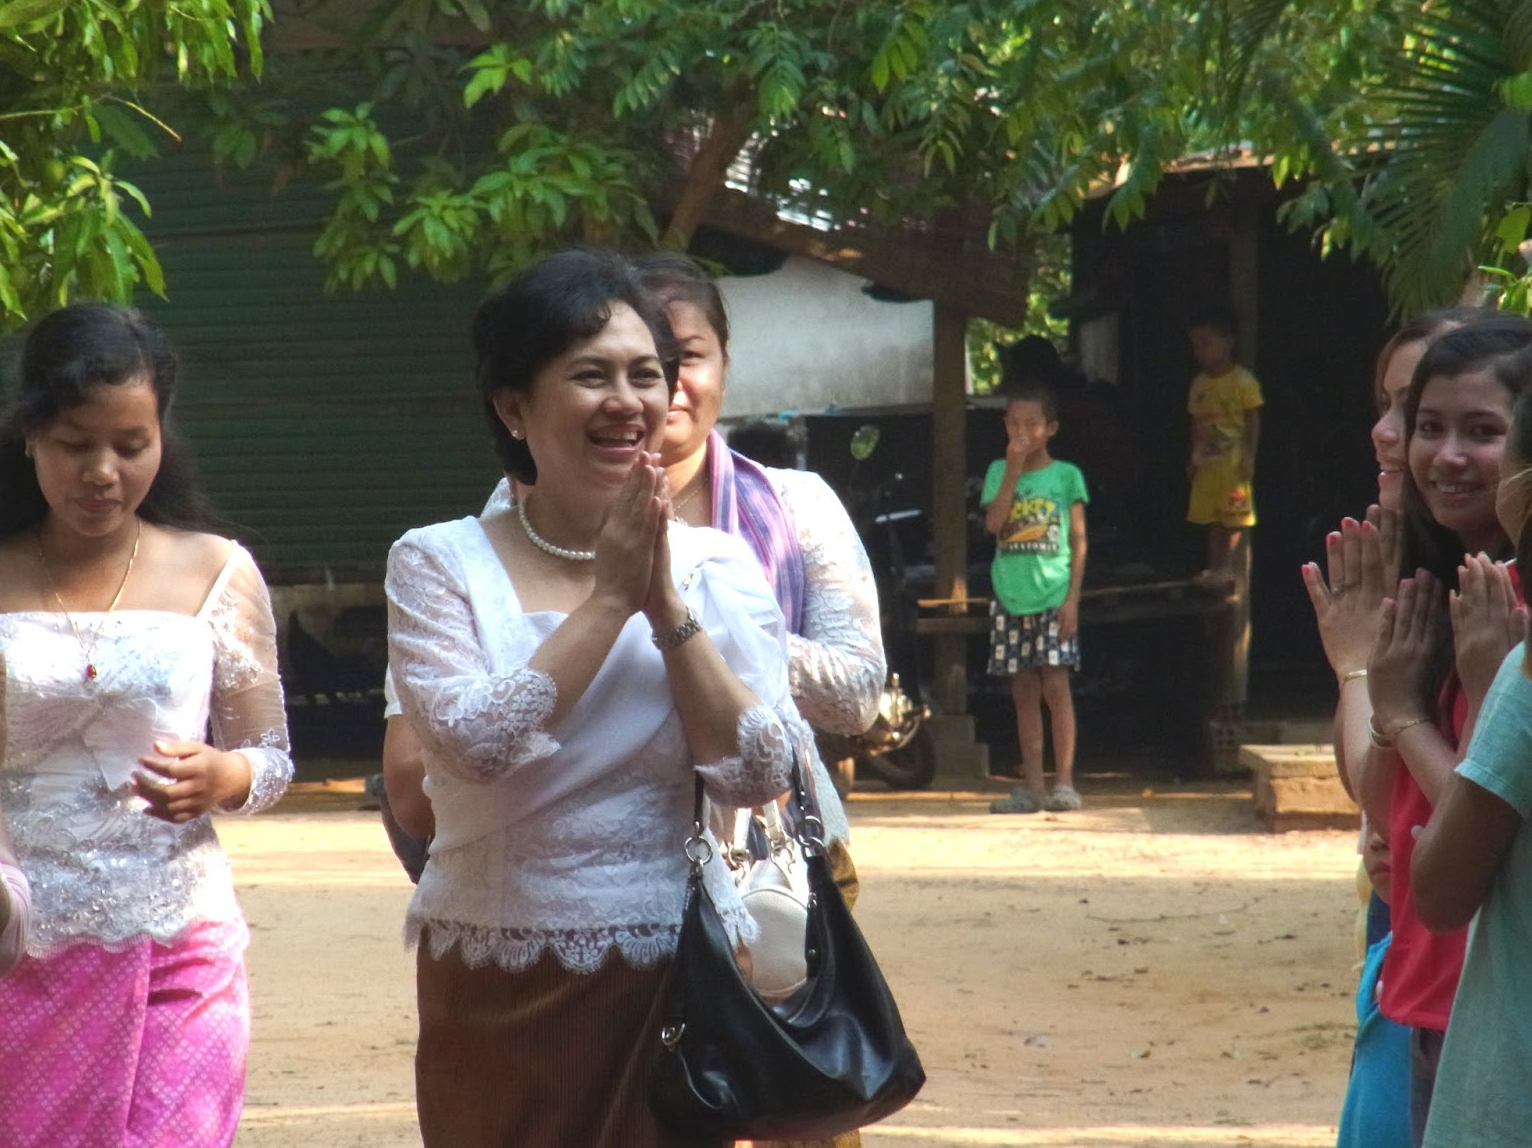 スピリチュアル体験を通して始めたカンボジア支援活動PART.13~カンボジア王国の皇女シソワット・カンタレス妃殿下